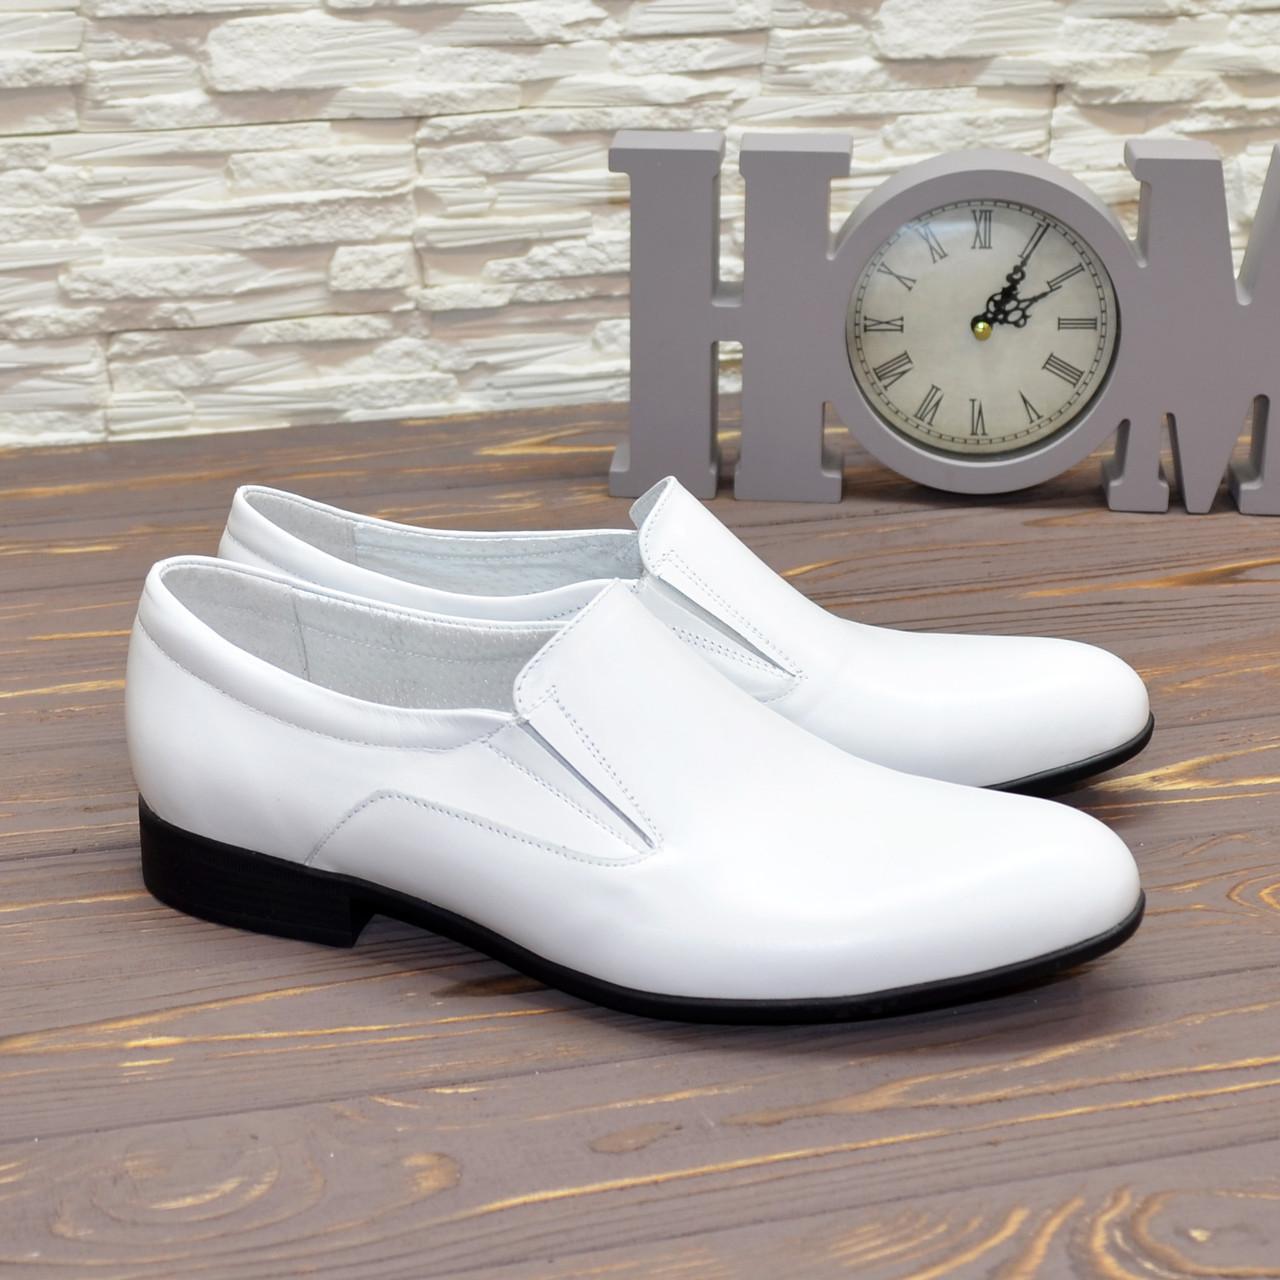 Мужские классические кожаные туфли, цвет белый